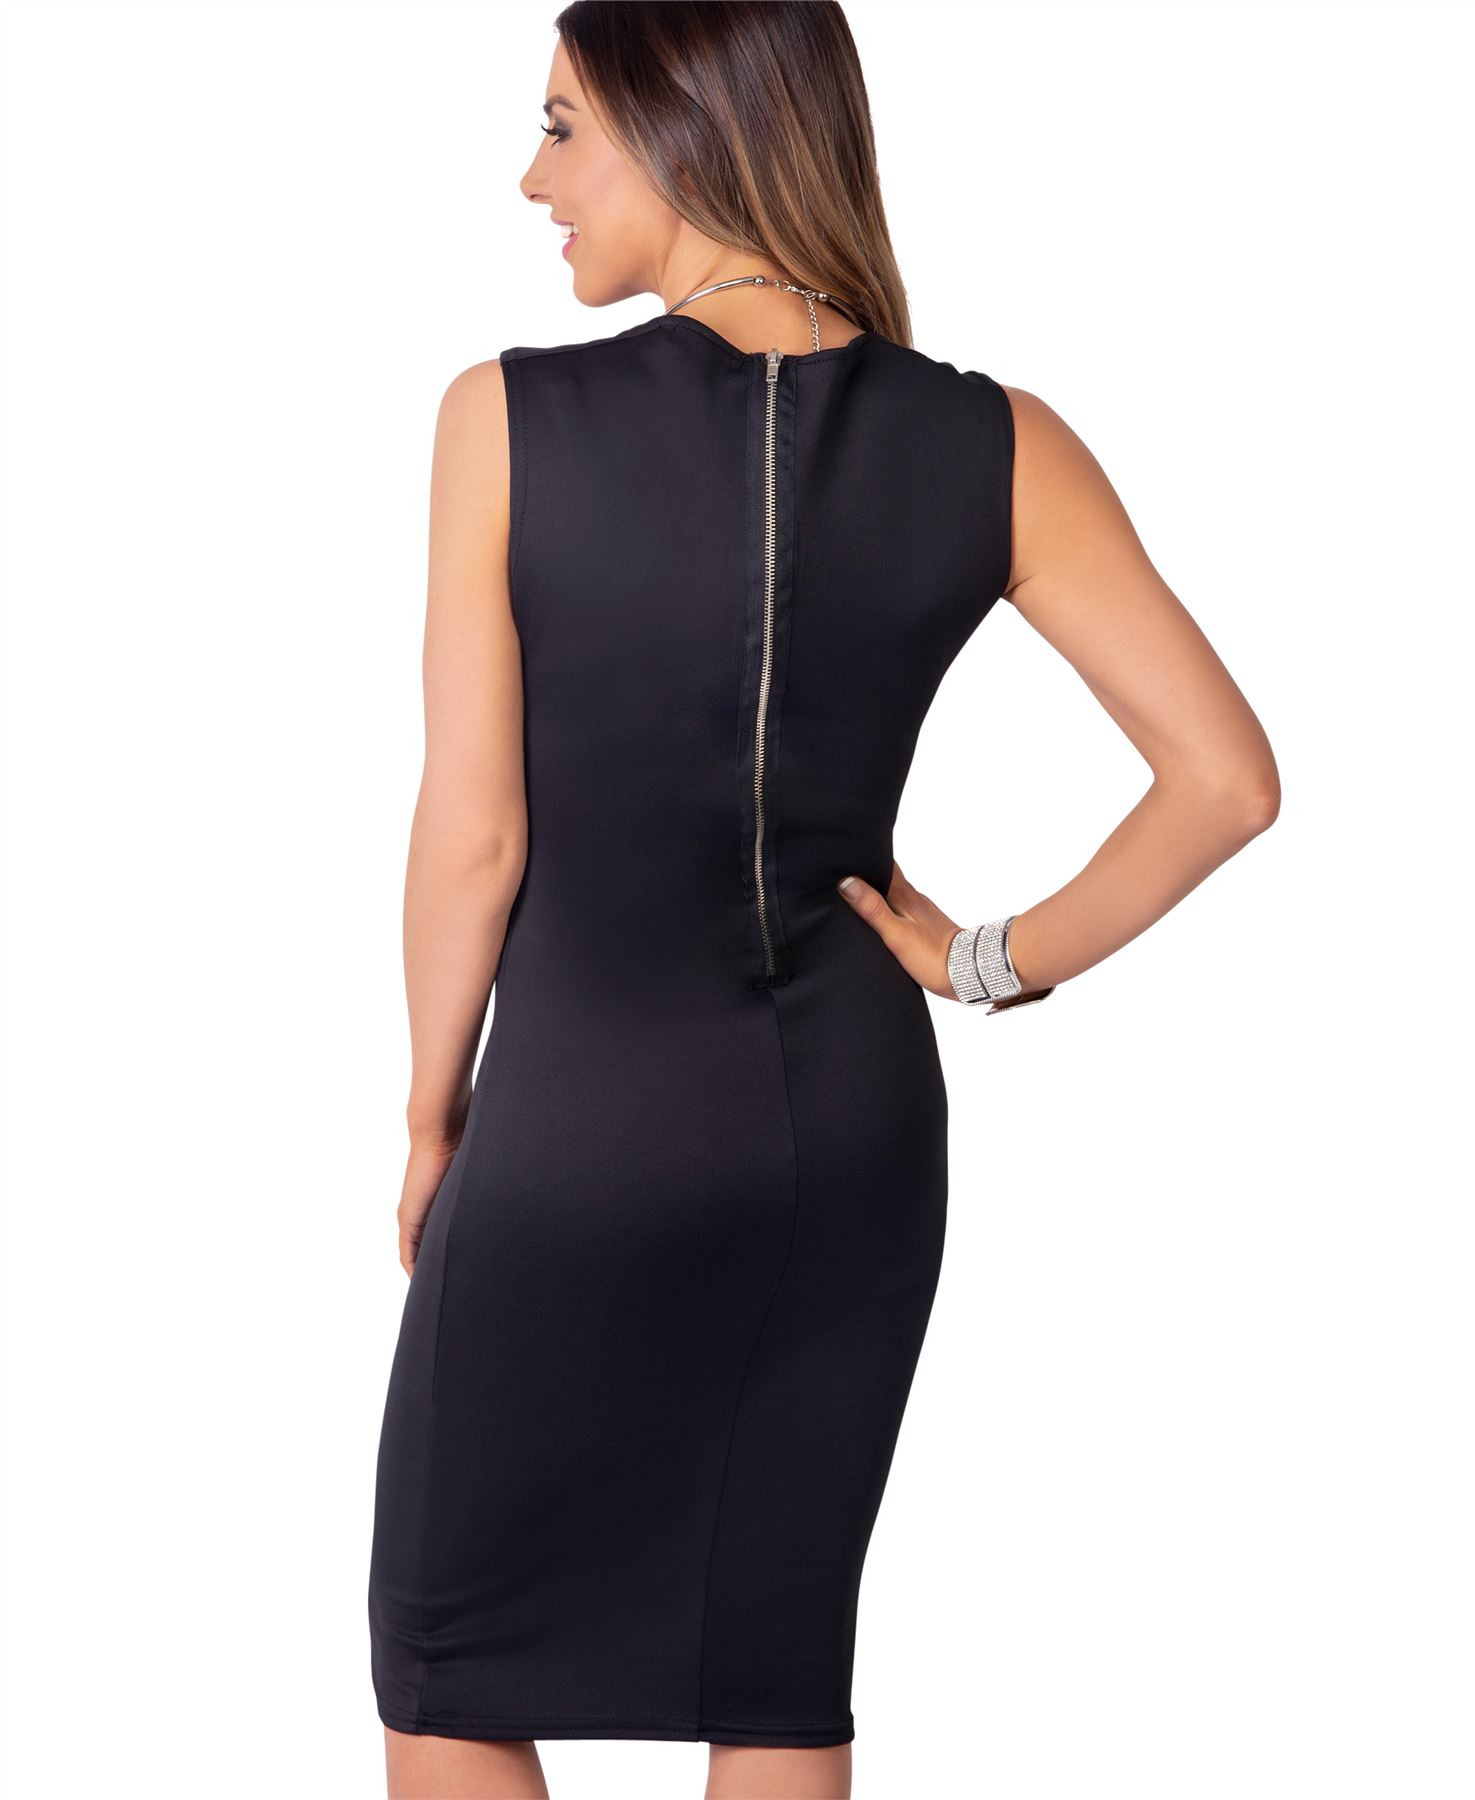 Damen Stretch Kleid Etuikleid Kragenausschnitt